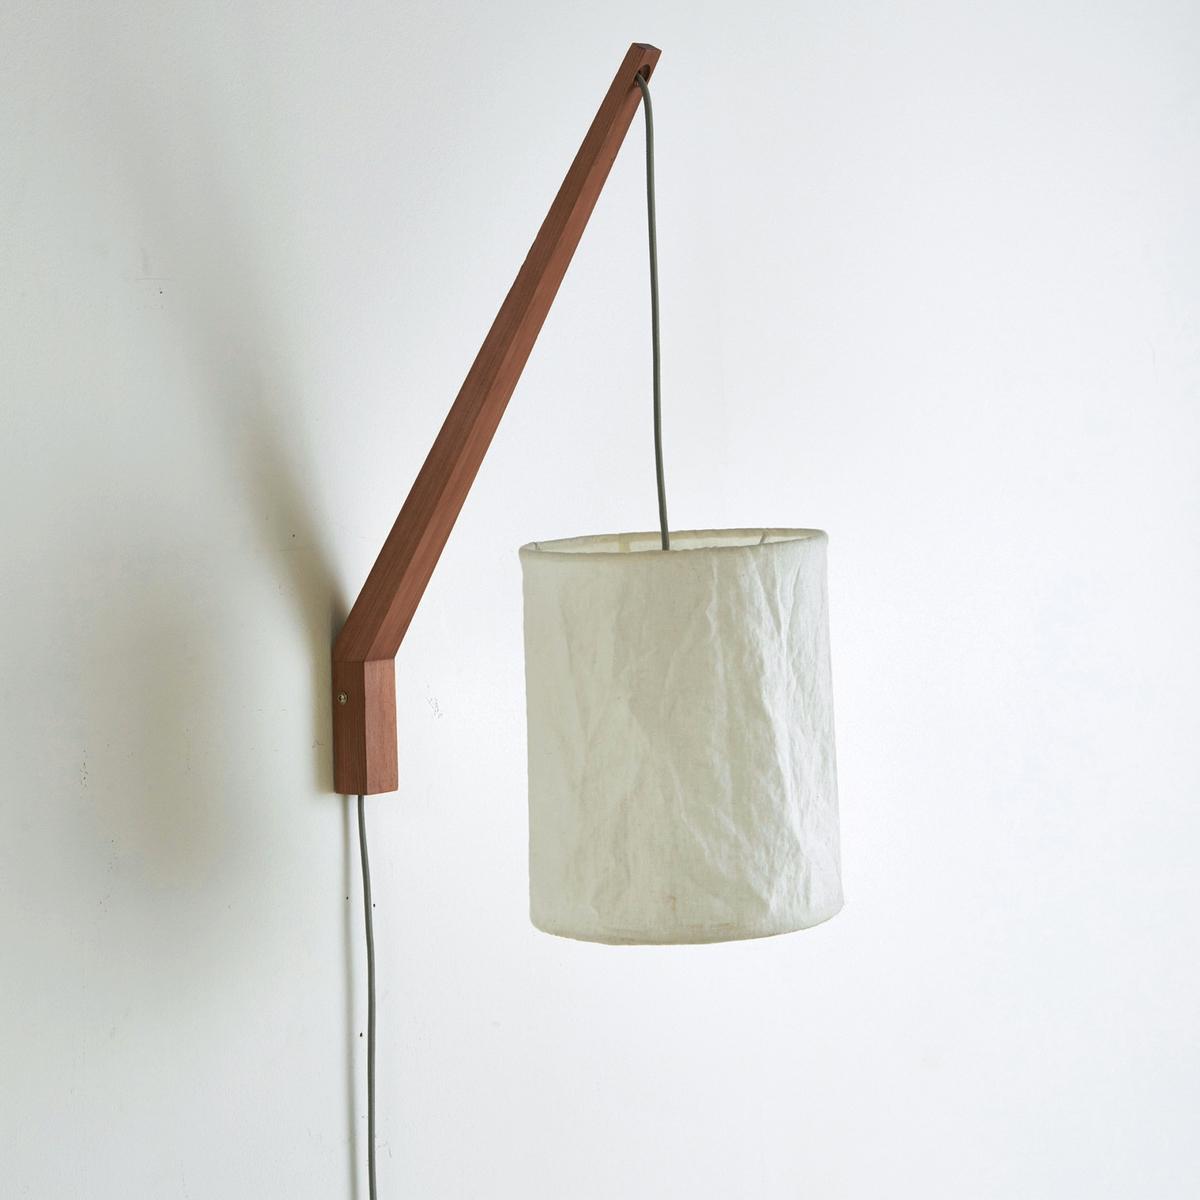 Светильник настенный, SettoСветильник настенный, Setto . Оригинальный дизайн с необычной формой, низ из дерева ясеня и металла, на краю которого крепится абажур из льна  . Стильный и изысканный !Описание светильника Setto   :Патрон E14 для  лампочки макс 40W (не входит в комплект).Этот светильник совместим с лампочками    энергетического класса  : A, B, C, D и EХарактеристики светильника  Setto   :Каркас из дерева ясеня, абажур из натурального льна  .Кабель с текстильным покрытием серого цвета, регулируемый по высоте  .Найдите коллекцию светильников на сайте laredoute.ruРазмер светильника Setto   :Основание :Высота : 48 смГлубина : 35 смАбажур :Высота : 25,5 смДиаметр: 15,5 см.Размеры и вес коробки :1 коробка60 x 10,5 x 20 см<br><br>Цвет: серо-бежевый/белый